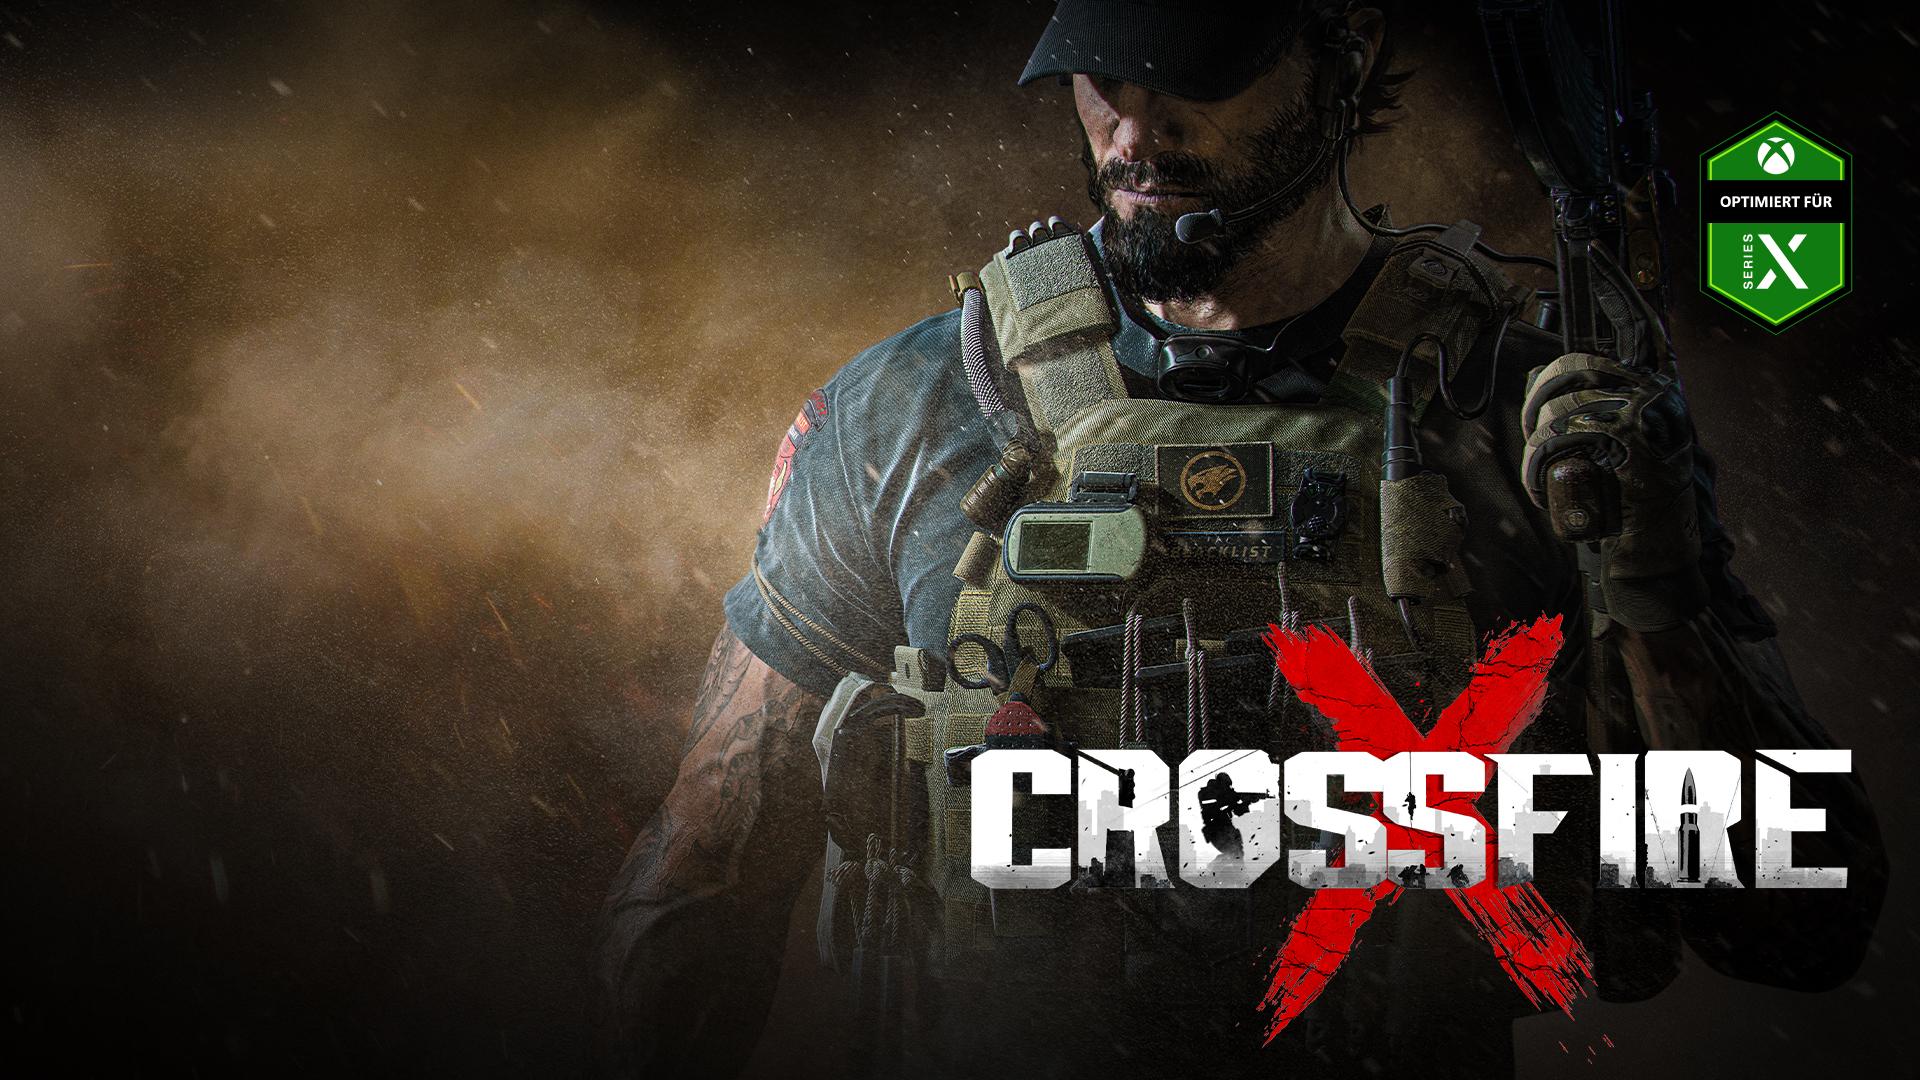 CrossfireX, Optimiert für Xbox Series X, ein schwer bewaffneter Mann steht inmitten von Rauch und Asche